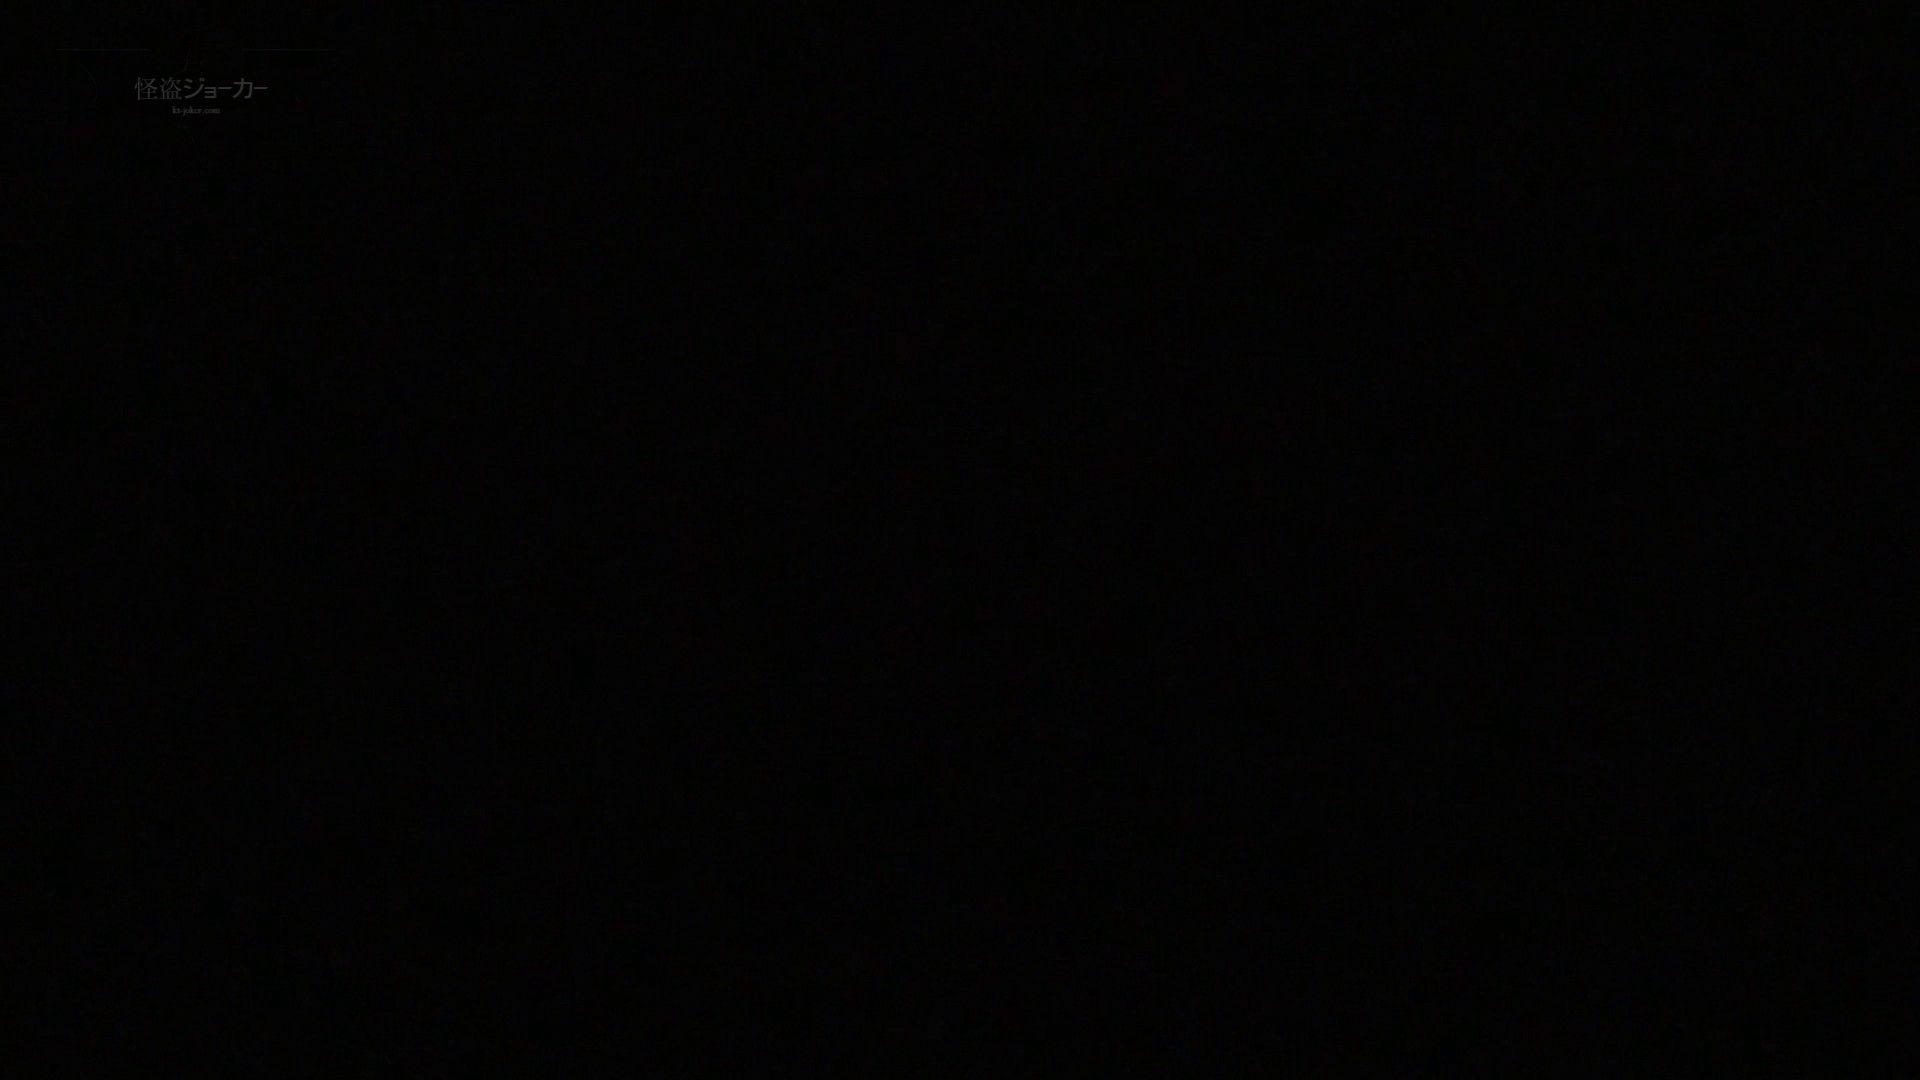 机の下の世界 Vol.03 人生色々、生足も色々!! ギャル達 ワレメ無修正動画無料 105枚 17